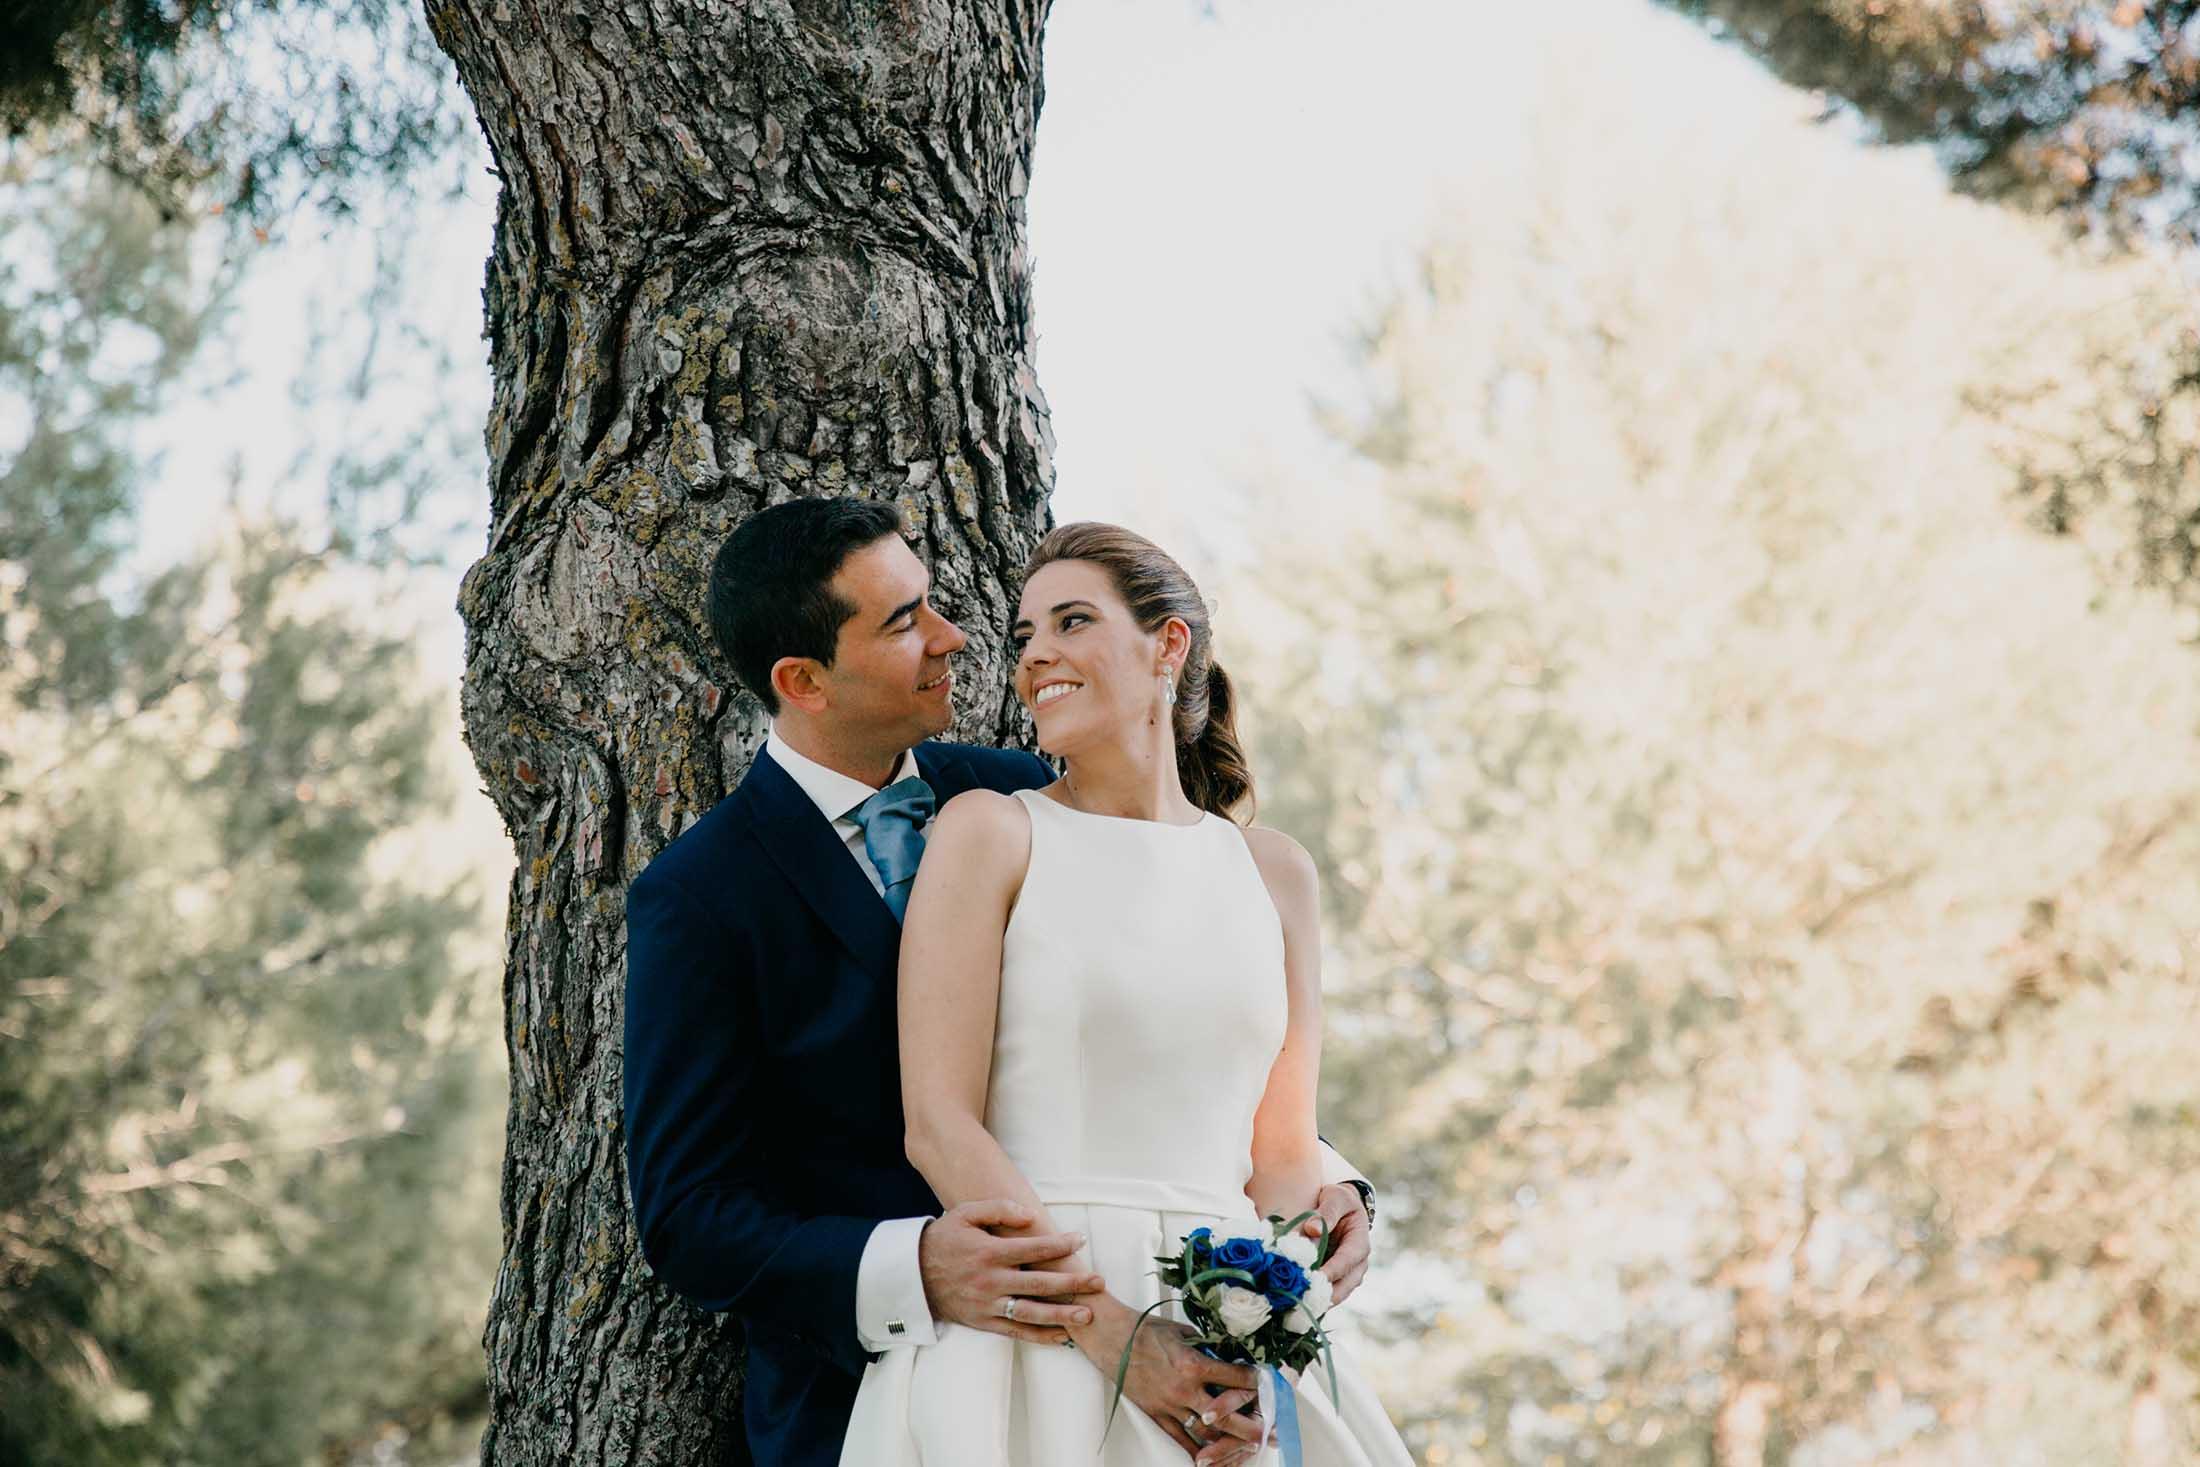 foto para galeria bodas web meraki fotografas